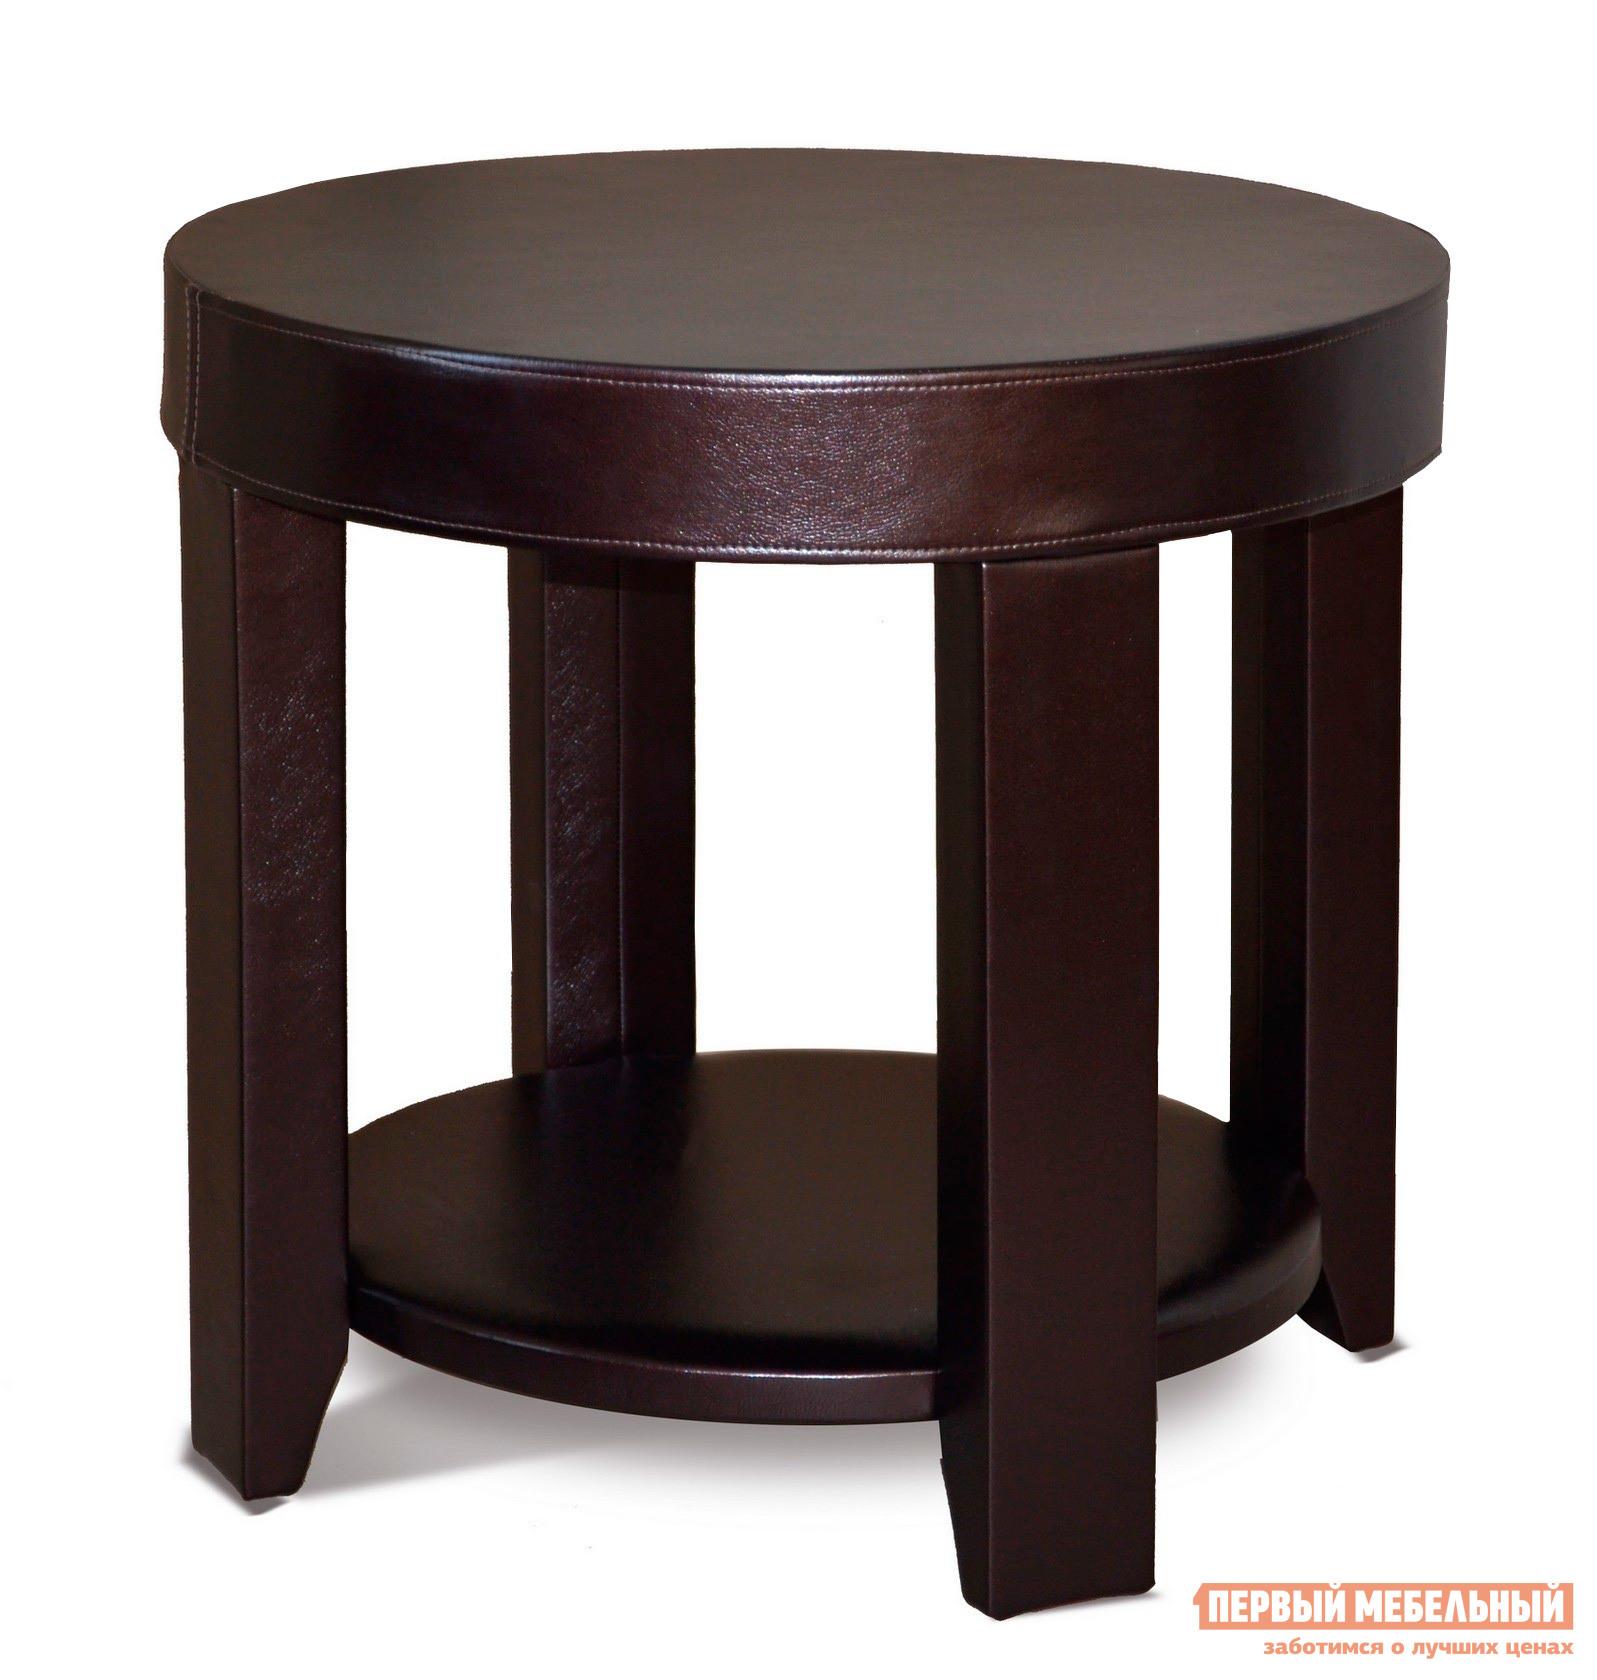 Журнальный столик Мебель Импэкс Модель 23